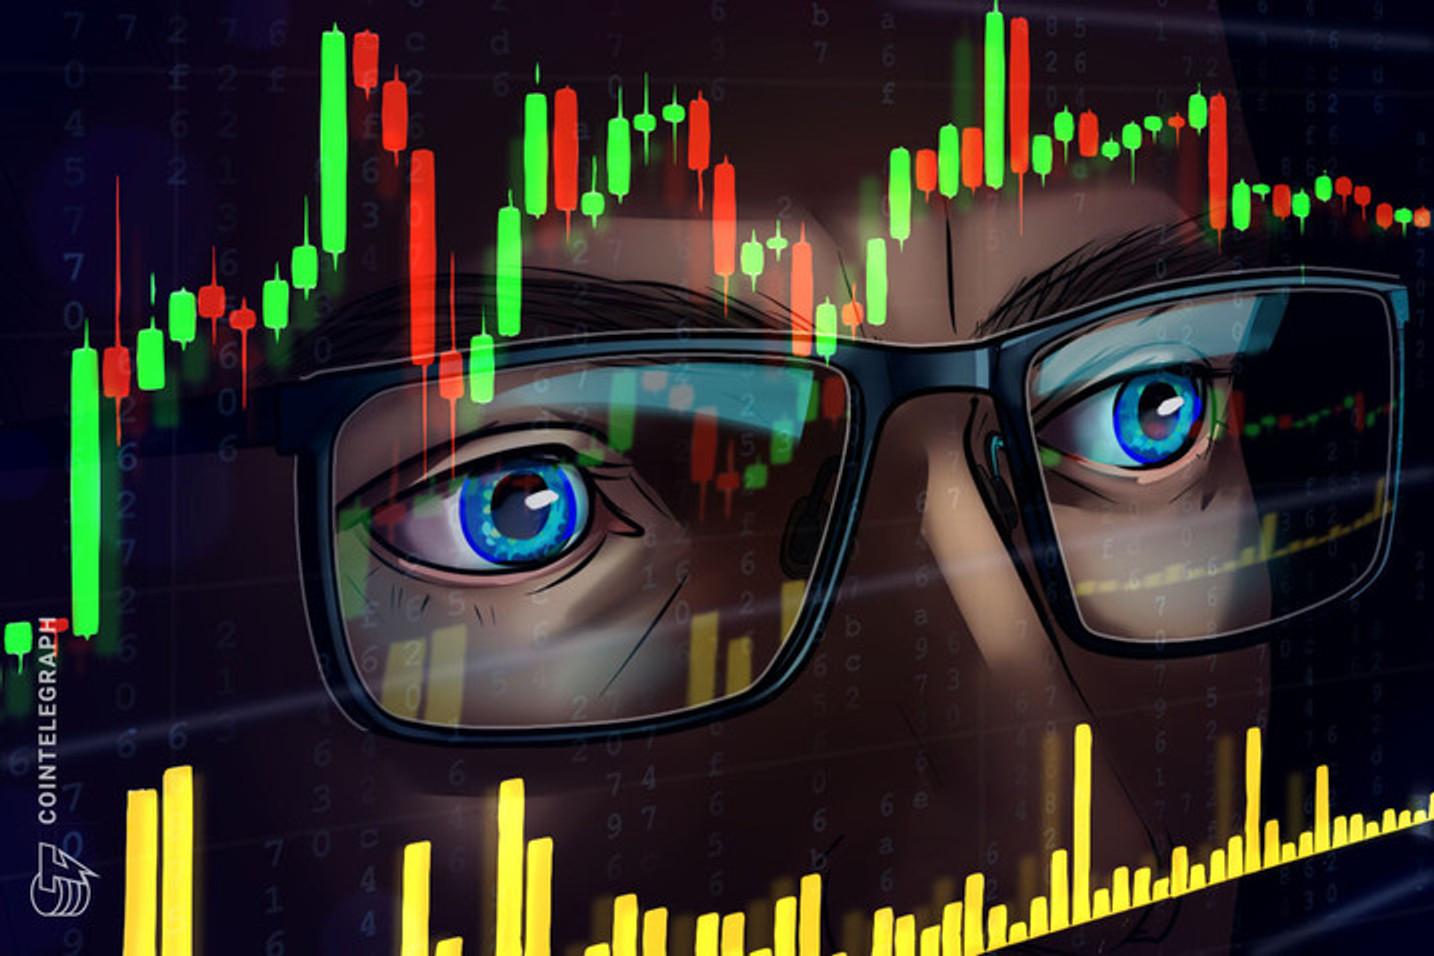 Analista André Franco, da Empiricus, acerta o preço do Bitcoin em previsão feita 1 ano atrás